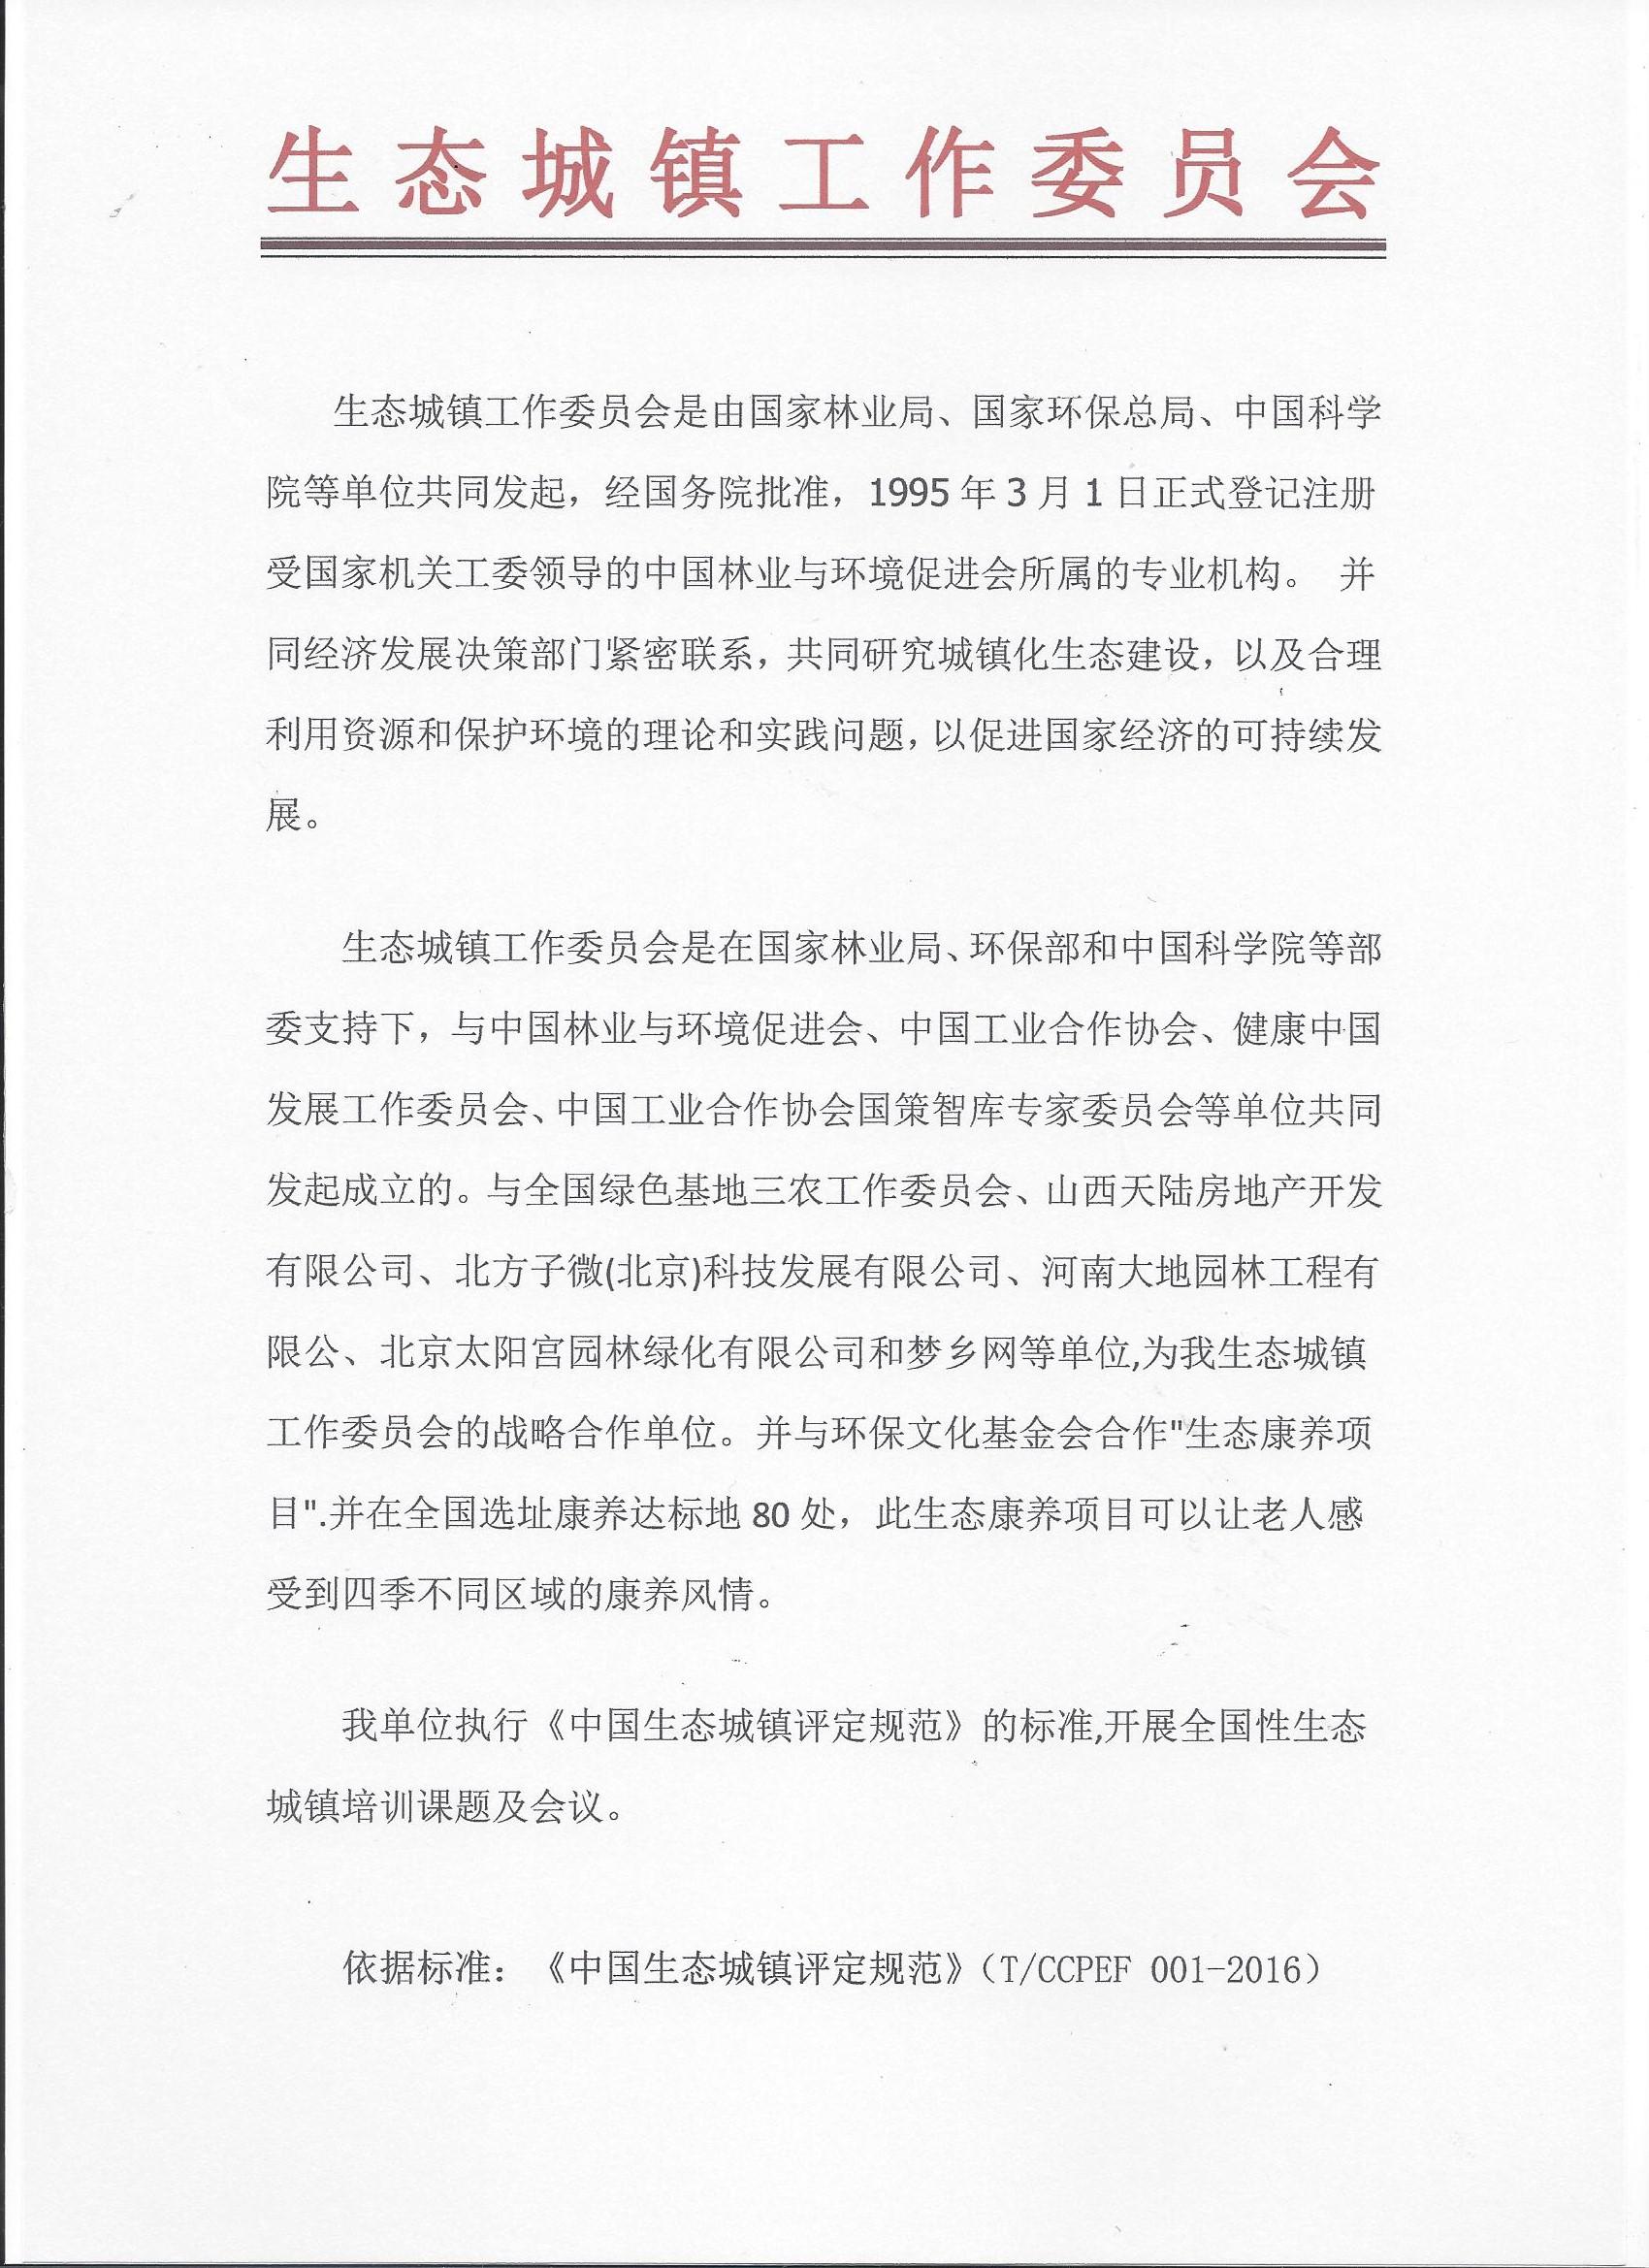 中国生态城镇工作委员会